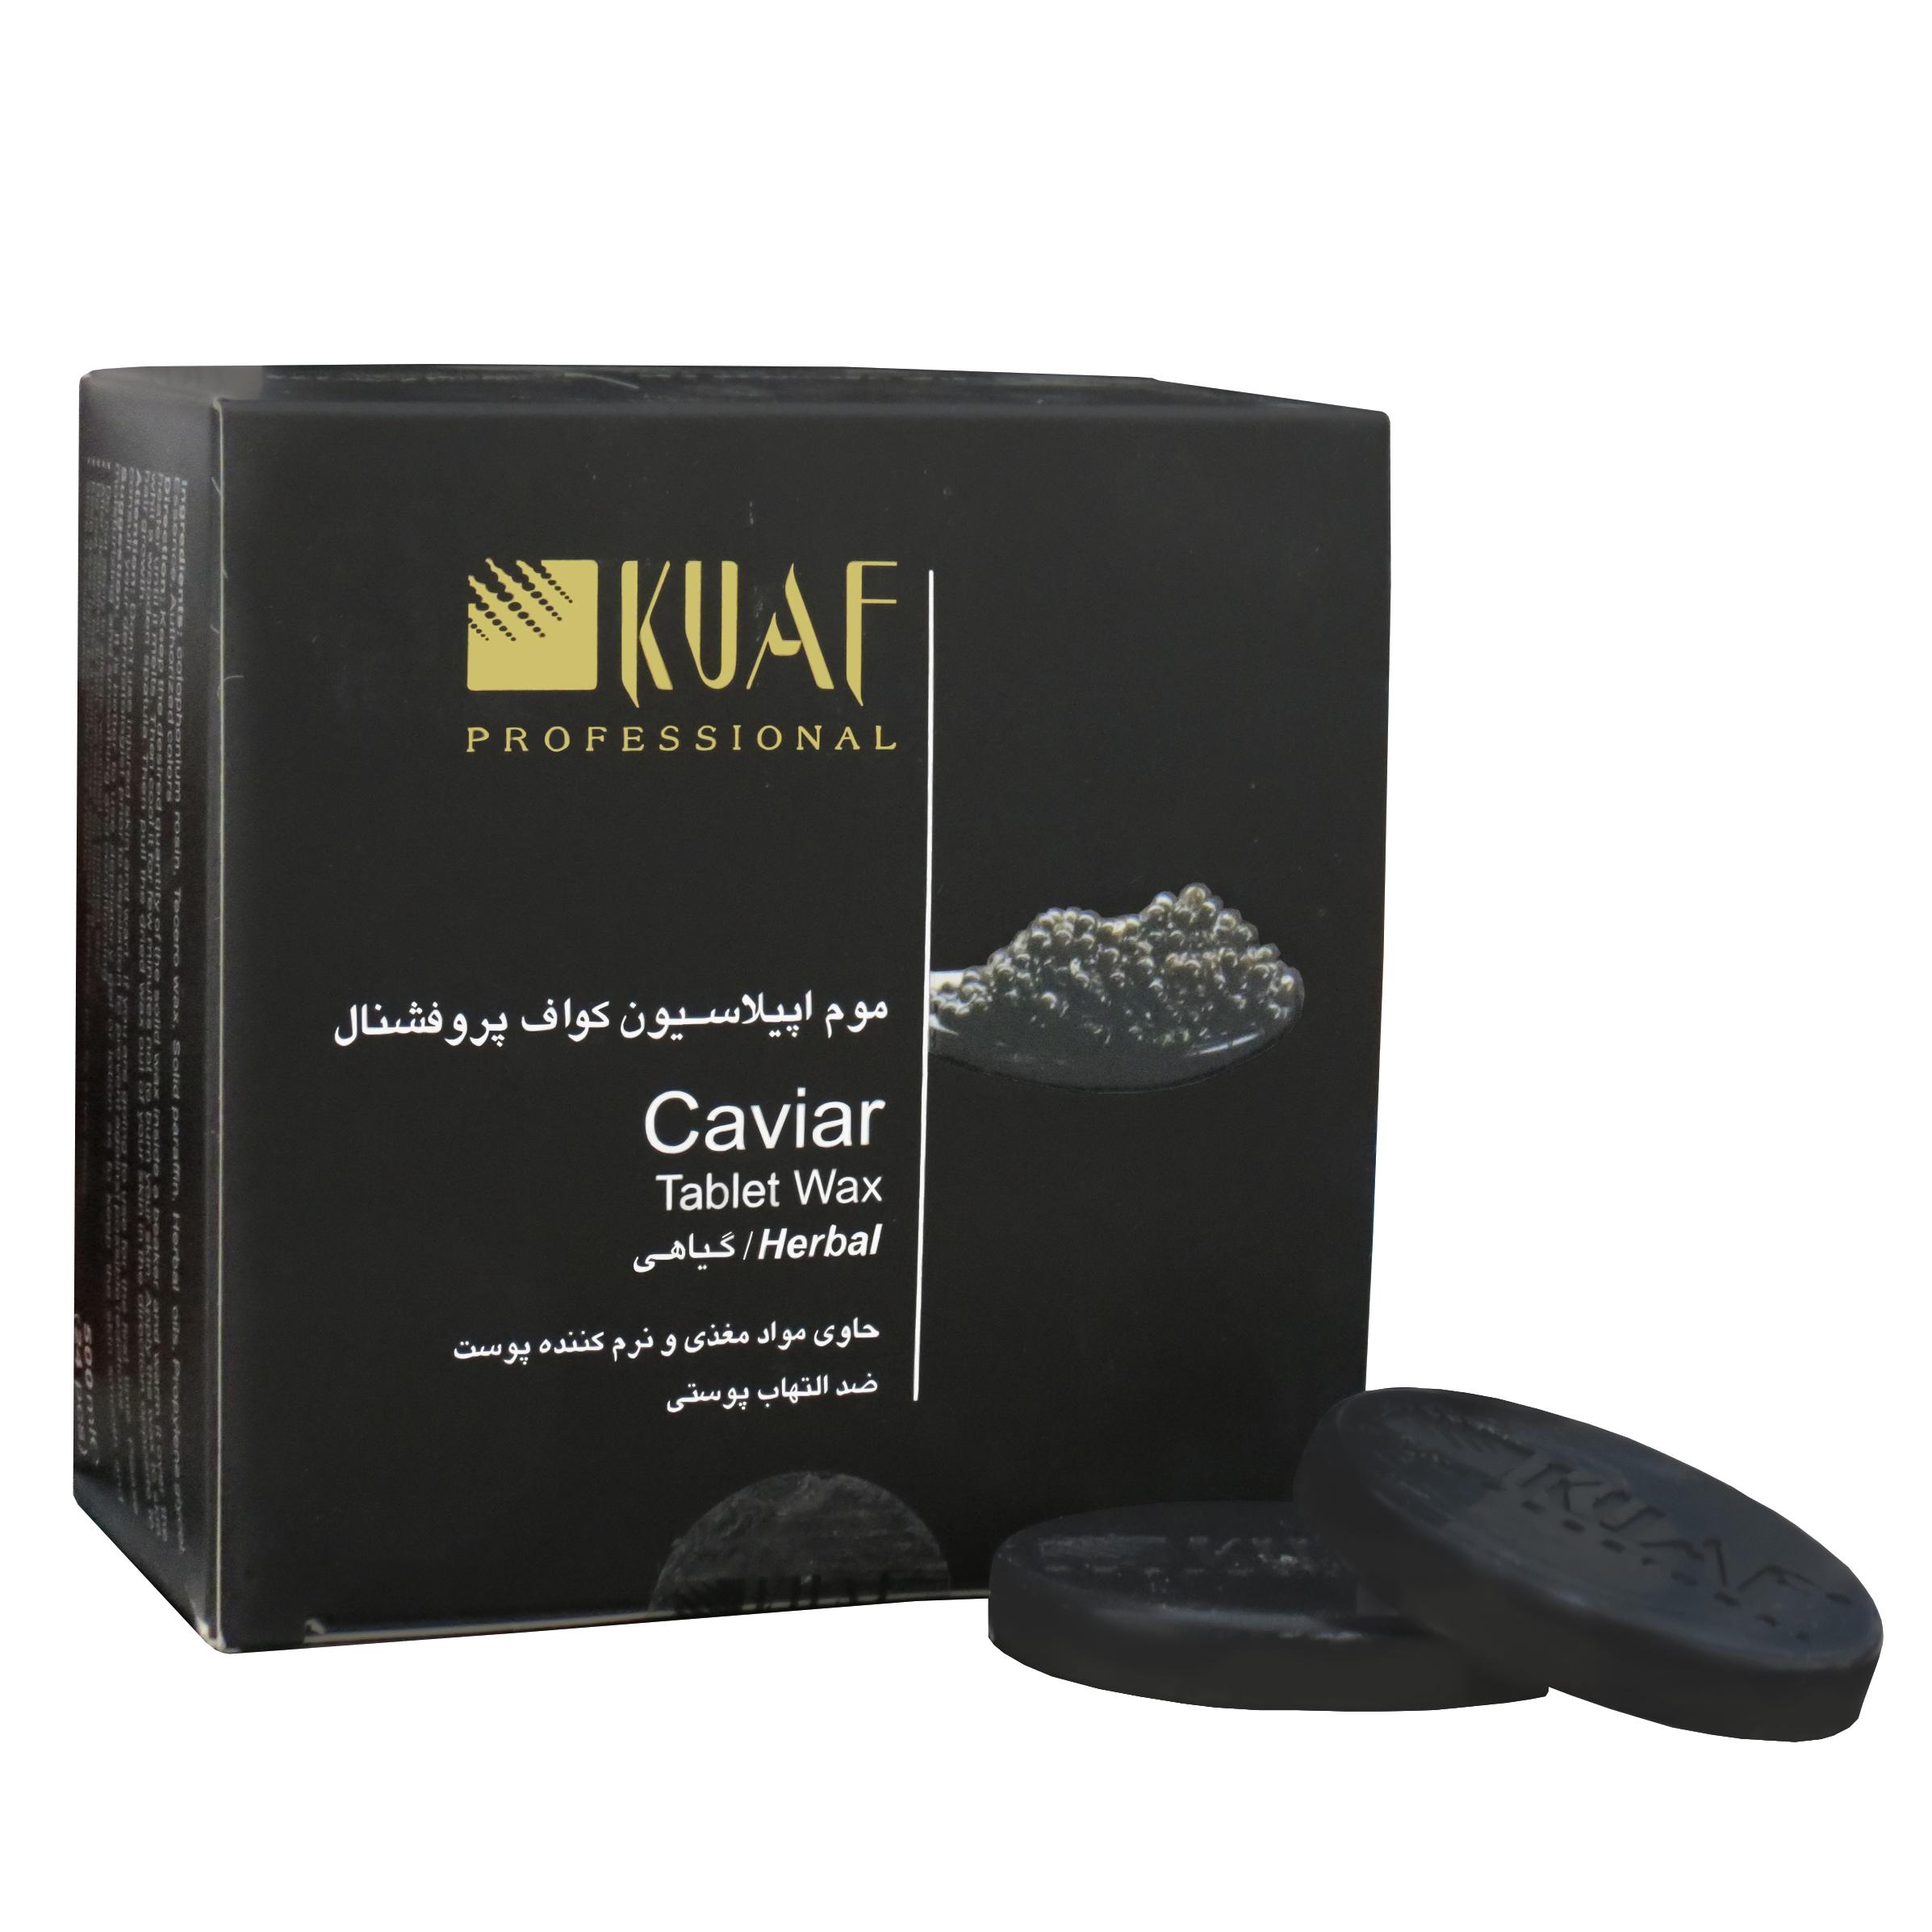 خرید                      وکس موبر کواف مدل Caviar وزن 20.8 گرم بسته 24 عددی              ✅